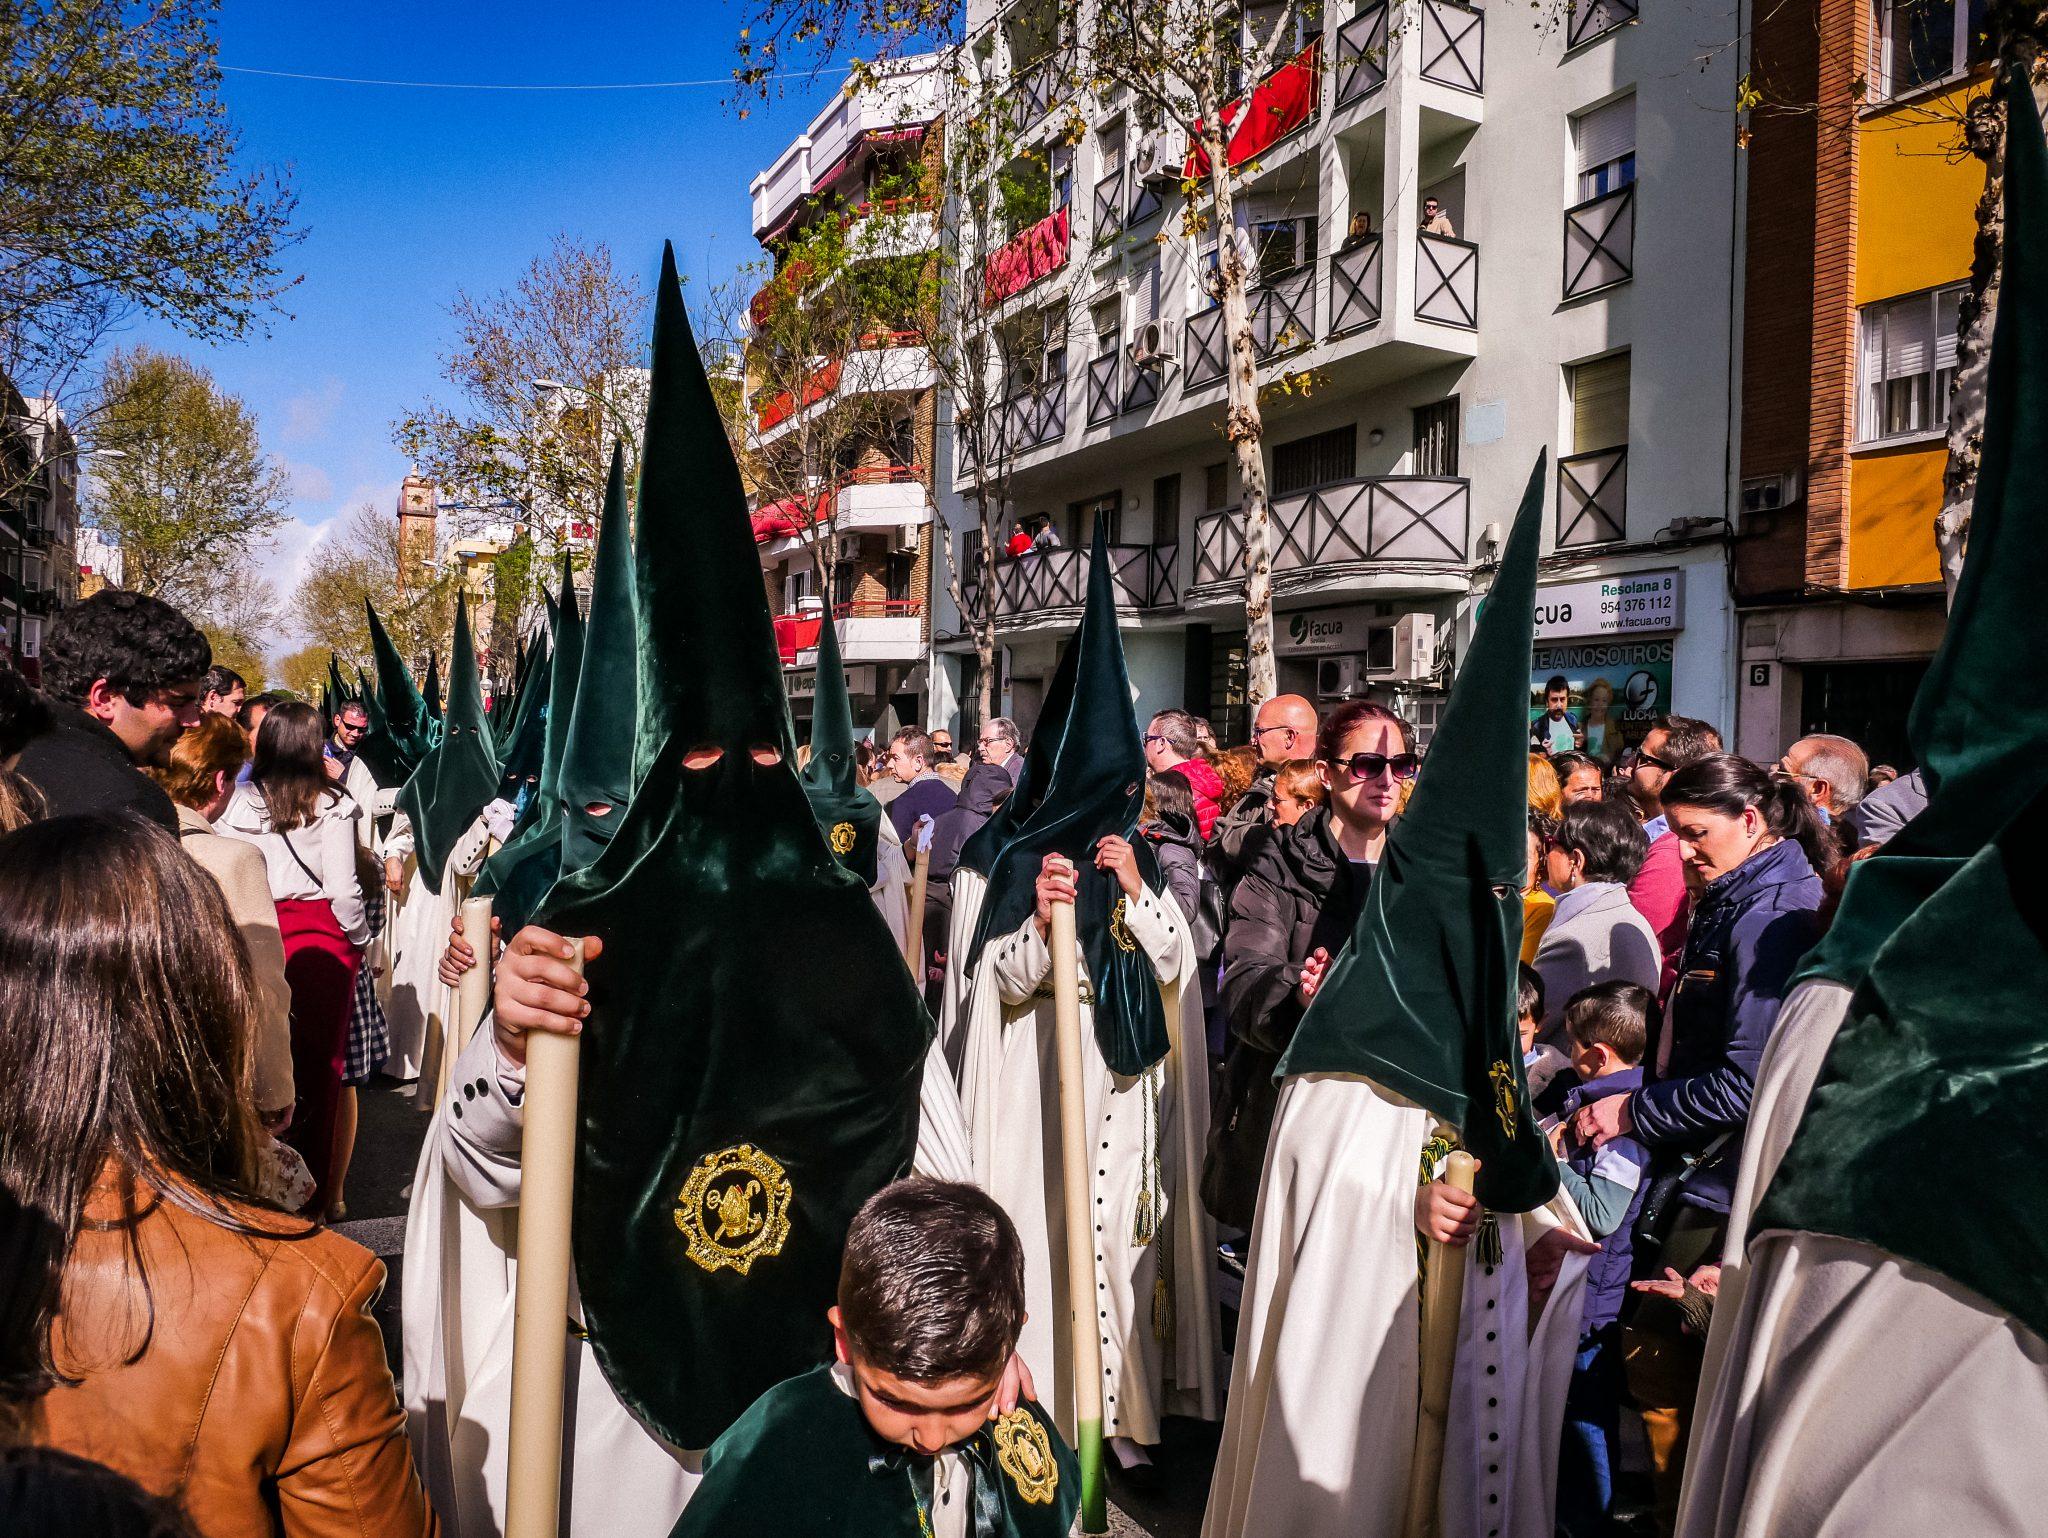 Wie hier zu sehen ist, laufen auf der Semana Santa in Sevilla heutzutage auch viele Frauen und Kinder mit.